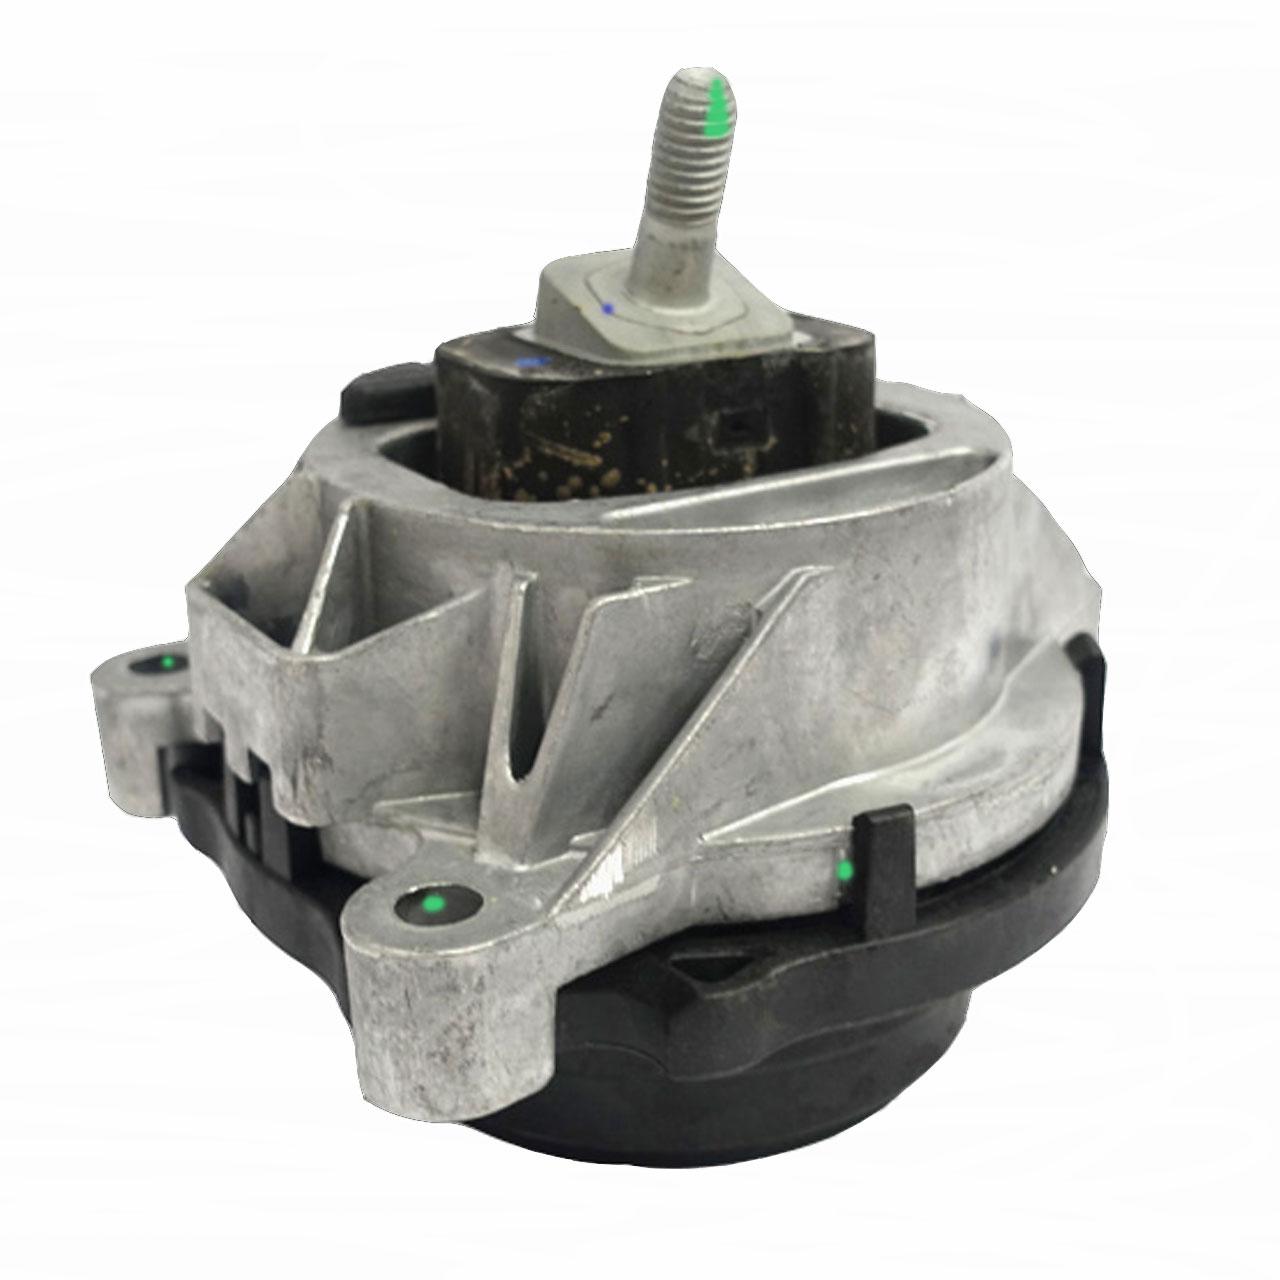 دسته موتور چپ بی ام دبلیو مدل F26 مناسب برای بی ام دبلیو X4